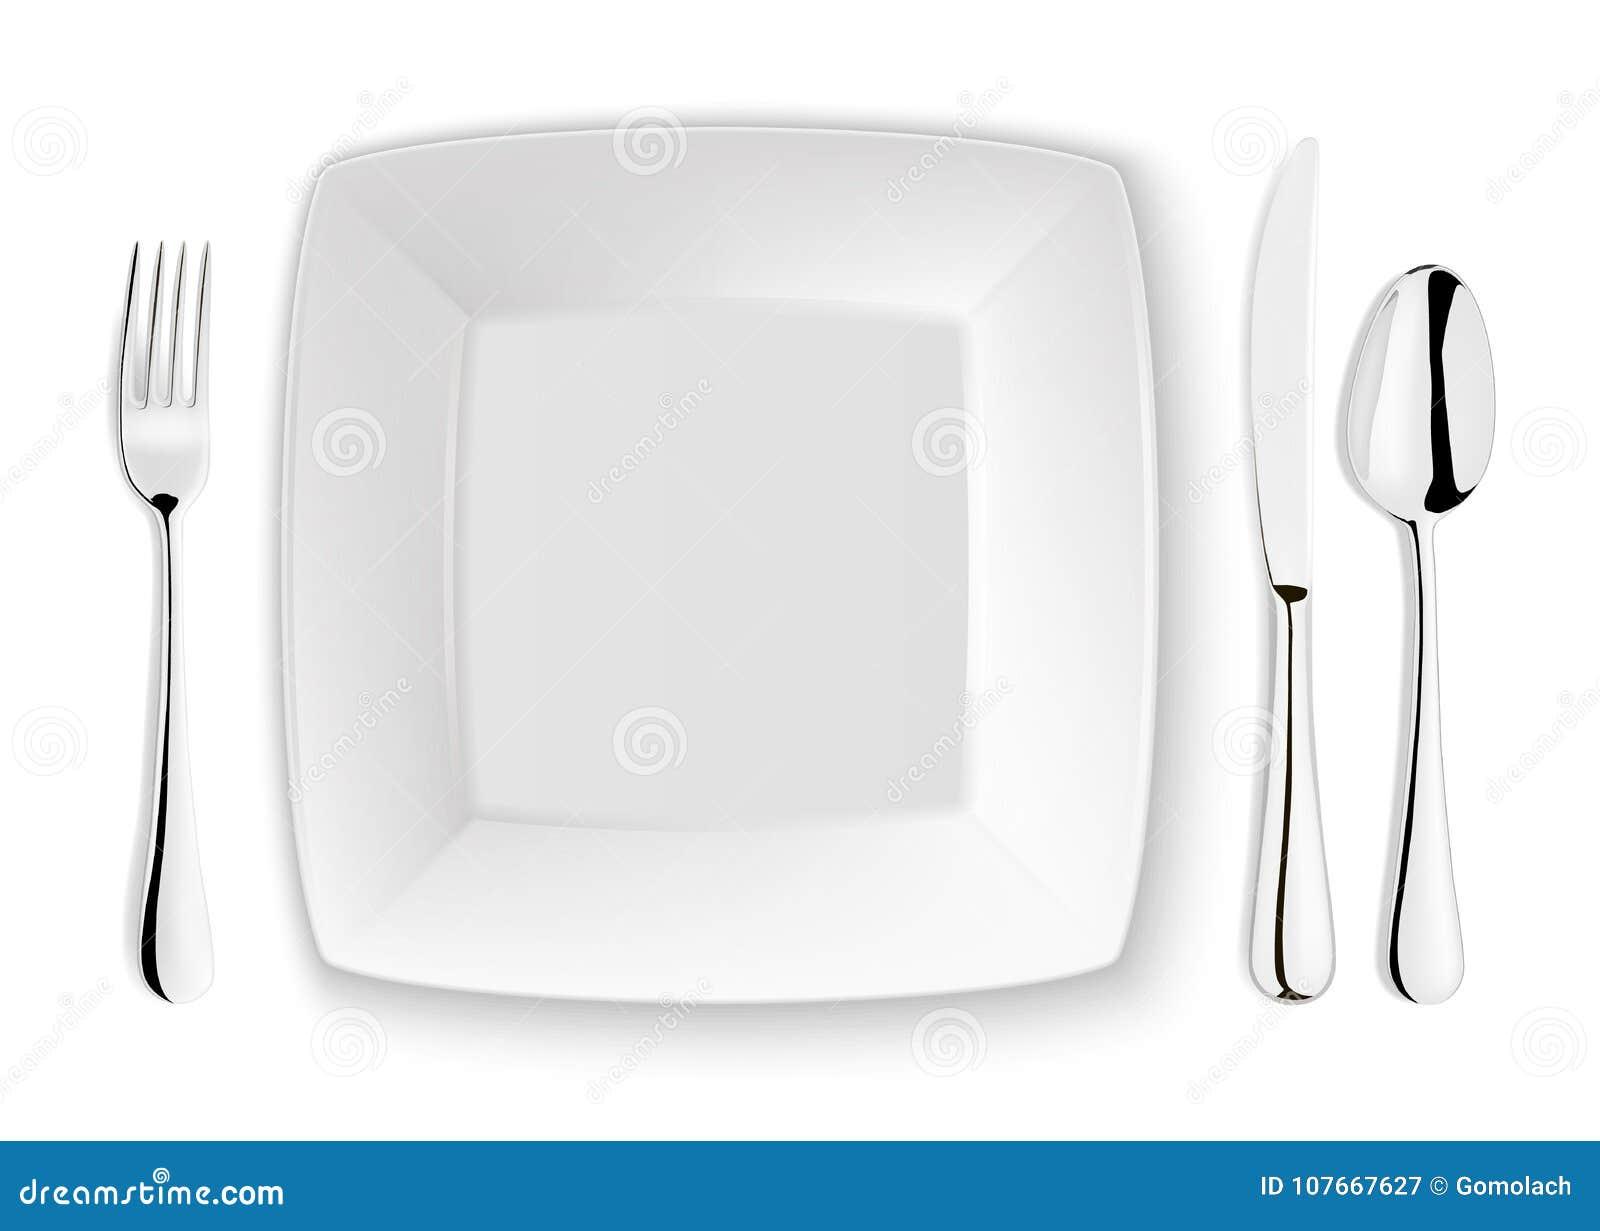 Реалистические ложка, вилка, нож и блюдо вектора покрывают крупный план на белой предпосылке Шаблон или насмешка дизайна вверх to